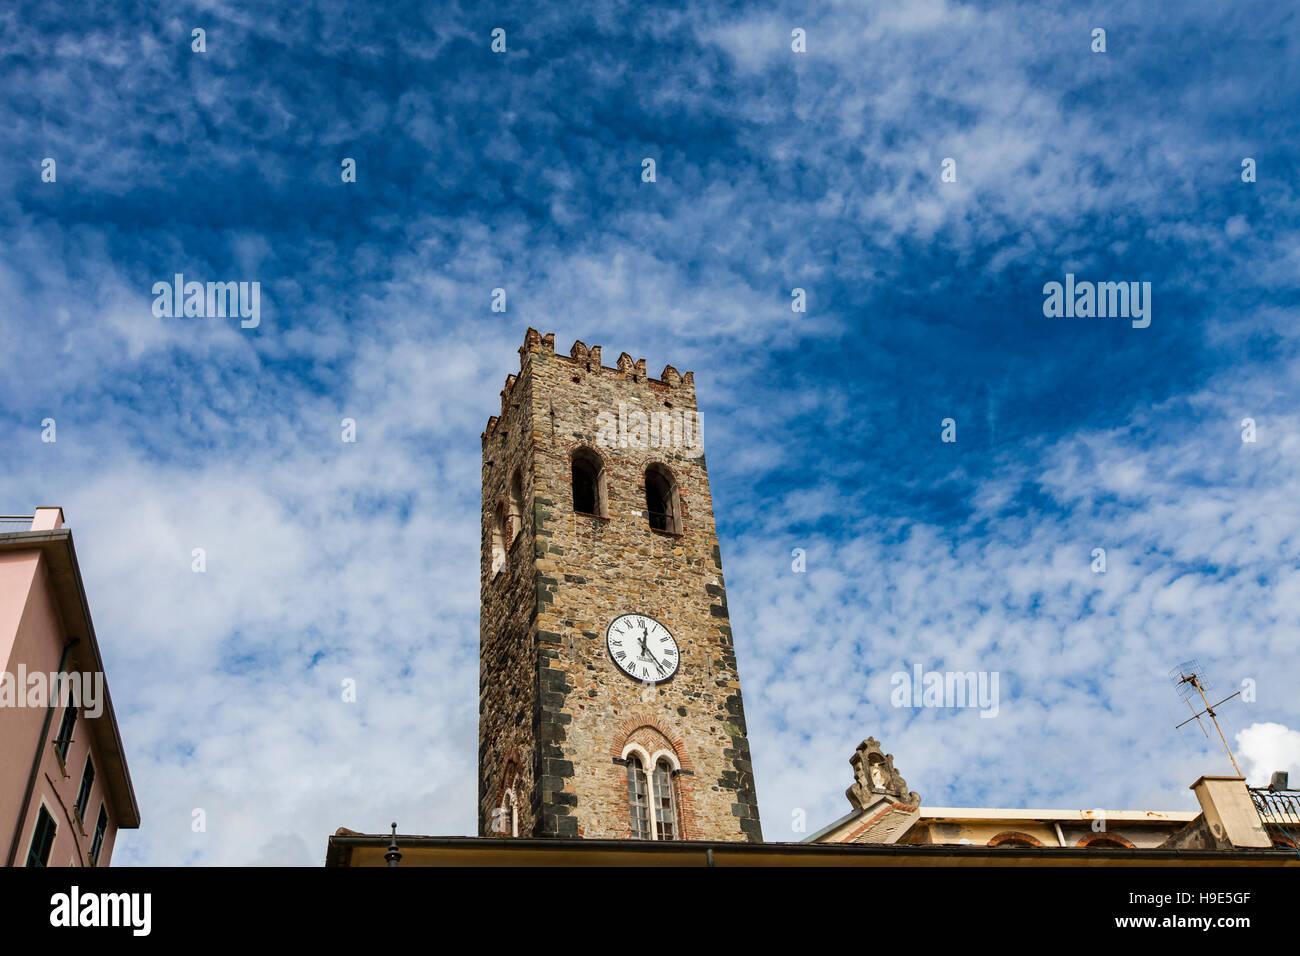 Il campanile della chiesa parrocchiale di San Giovanni Battista a Monterosso, Italia Foto Stock